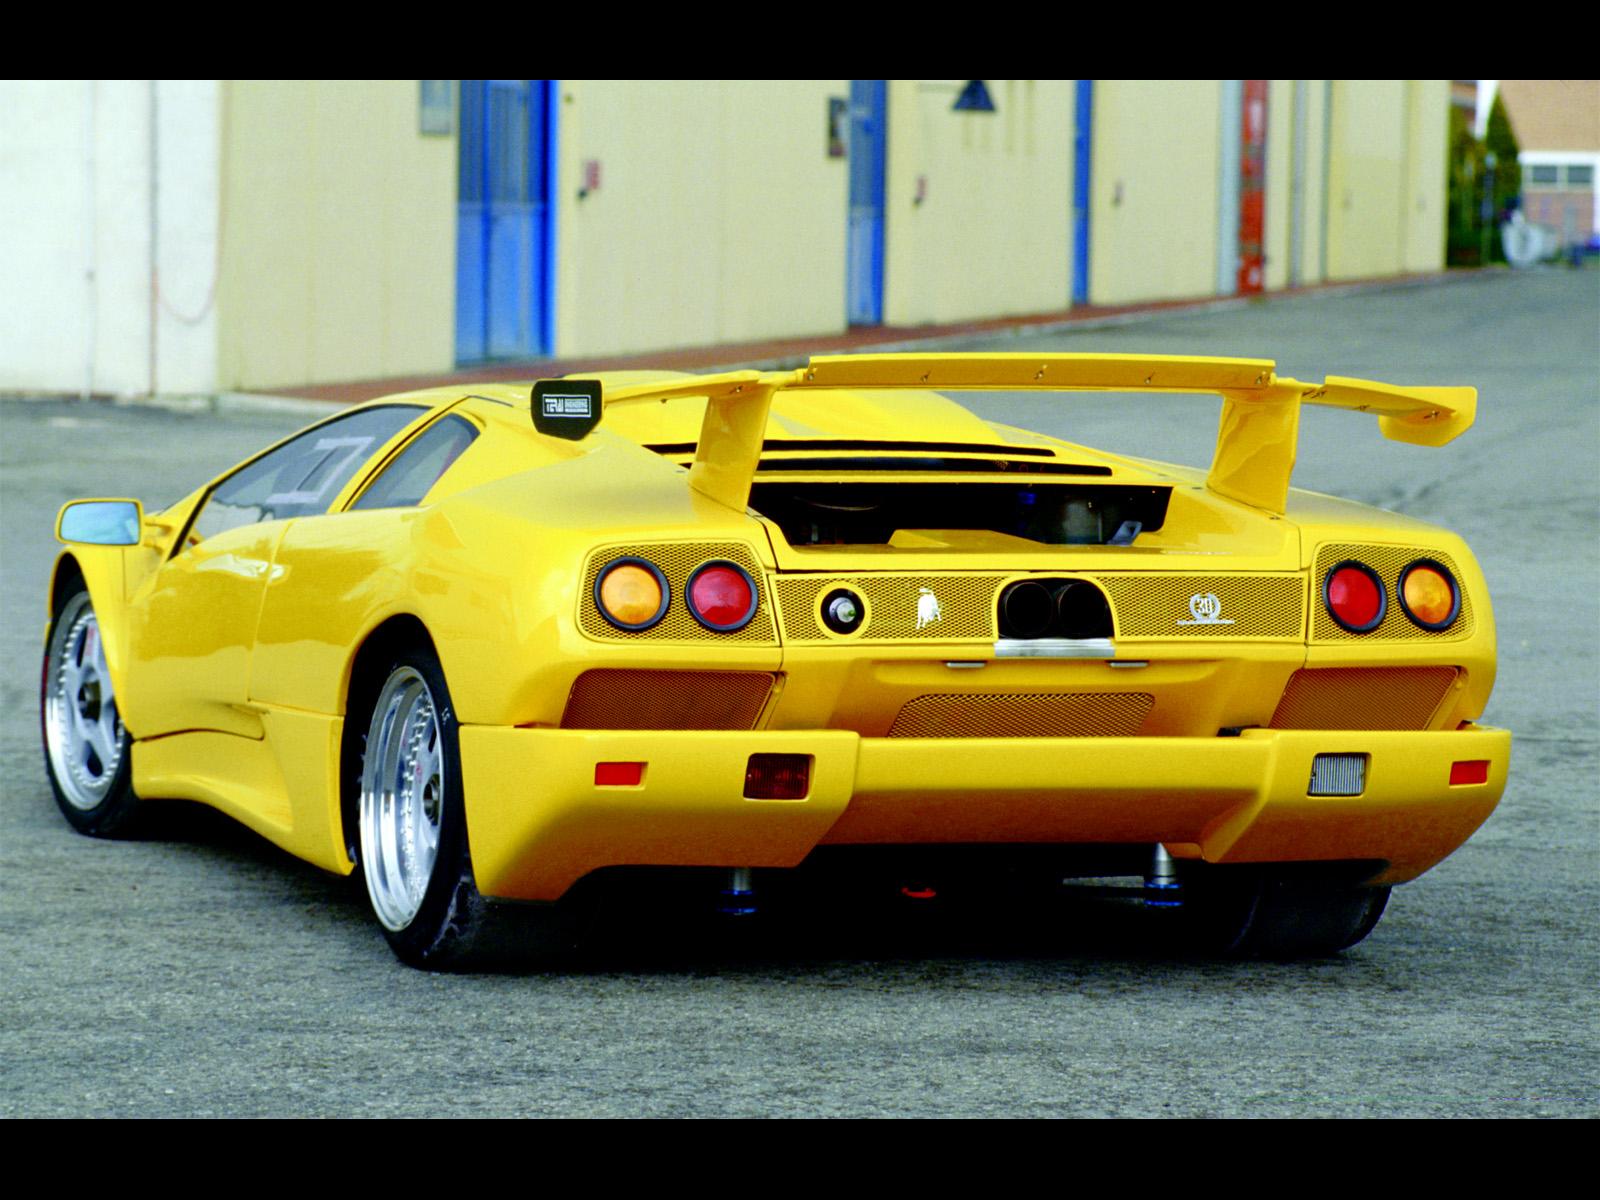 1997 Lamborghini Diablo Pictures Cargurus Lamborghini Lover